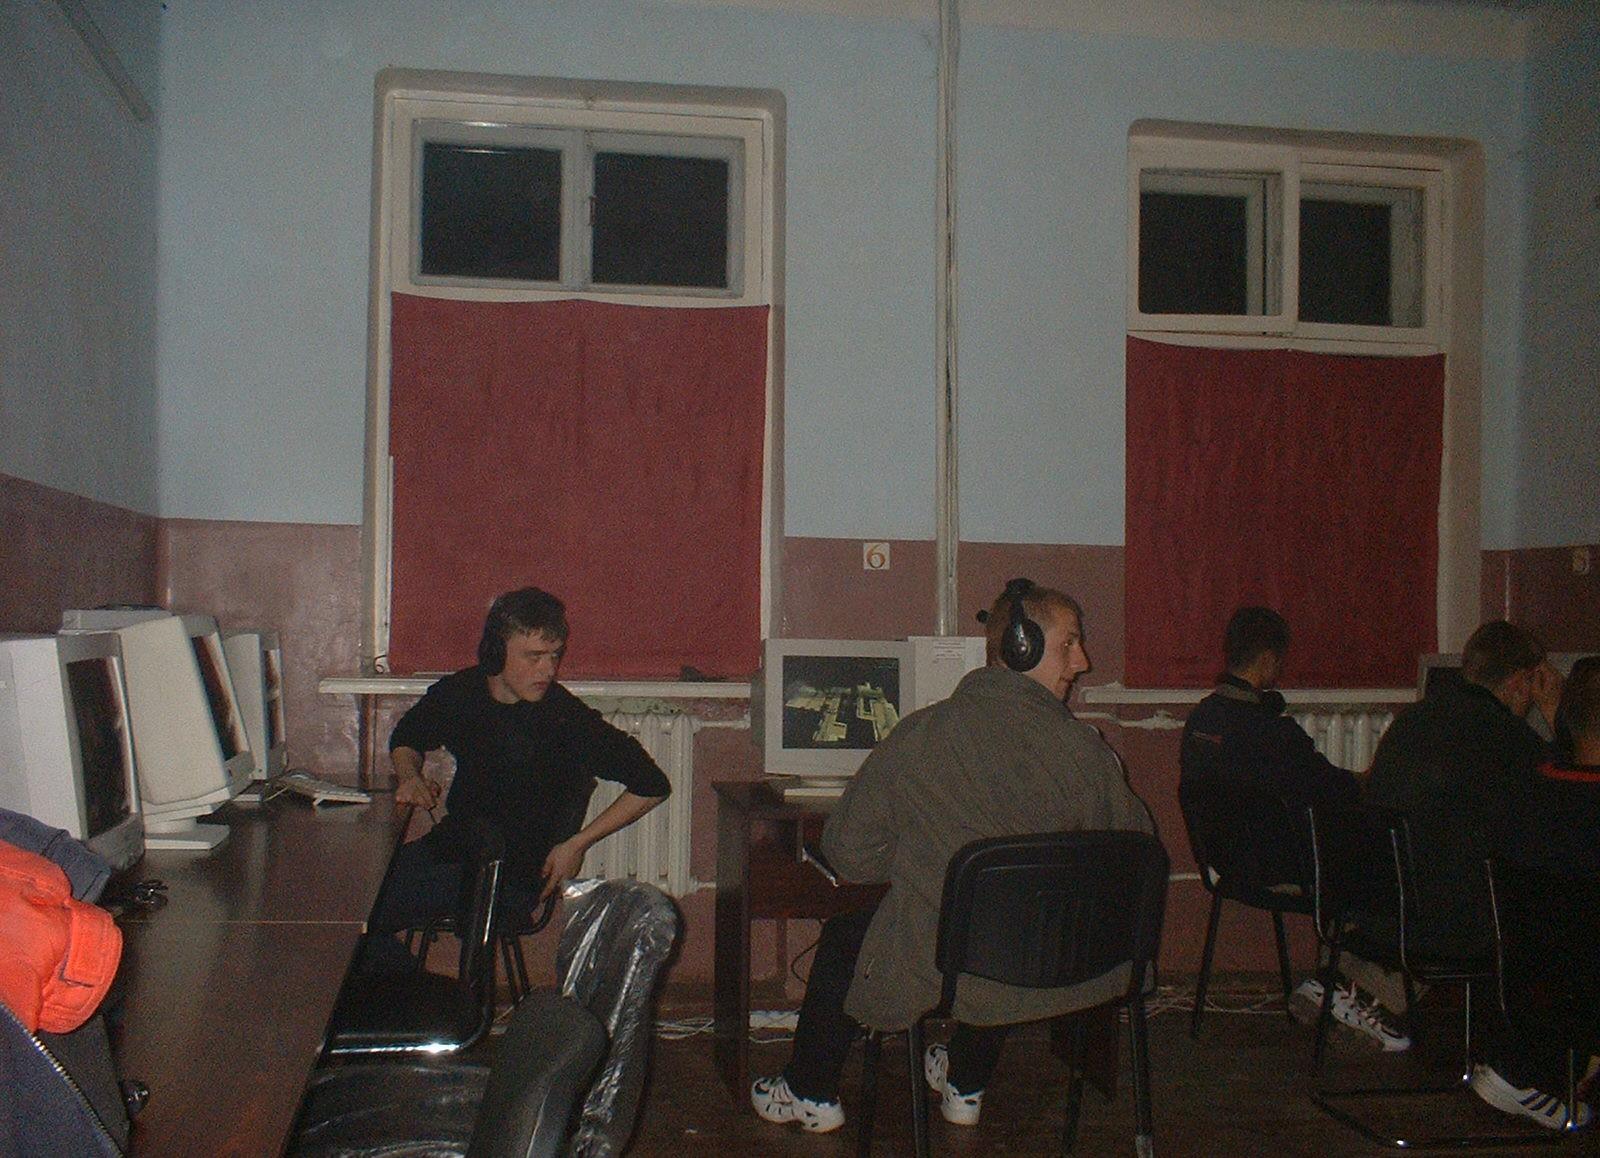 Для тех, кто помнит: компьютерные клубы начала 2000-х (16 фото)